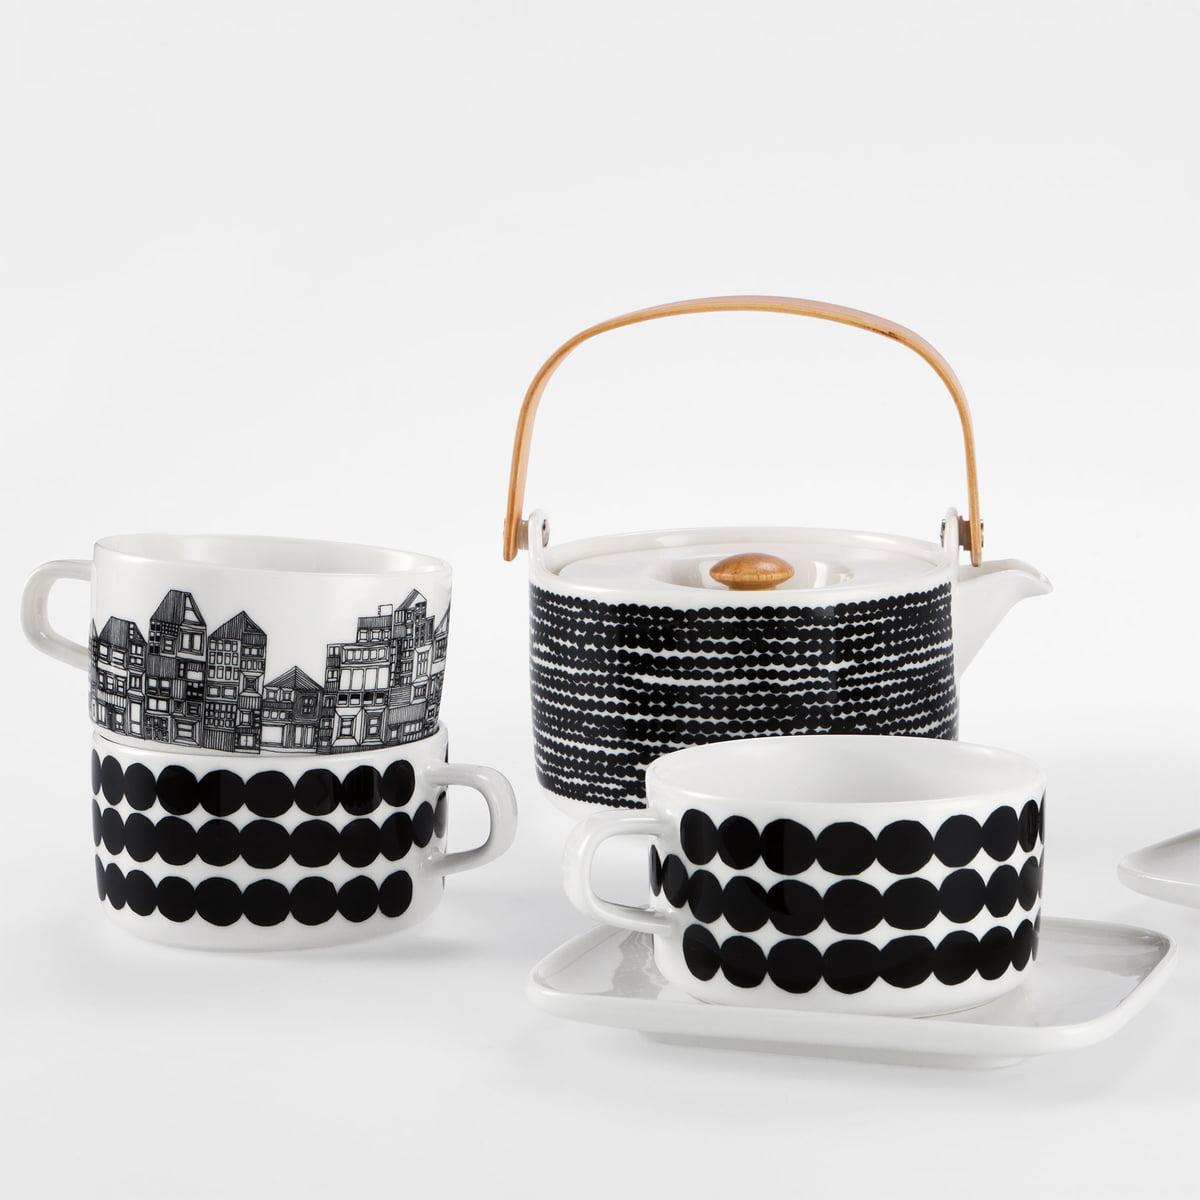 Marimekko Oiva:Siirtolapuutarha teapot lifestyle2 contemporary designer homeware